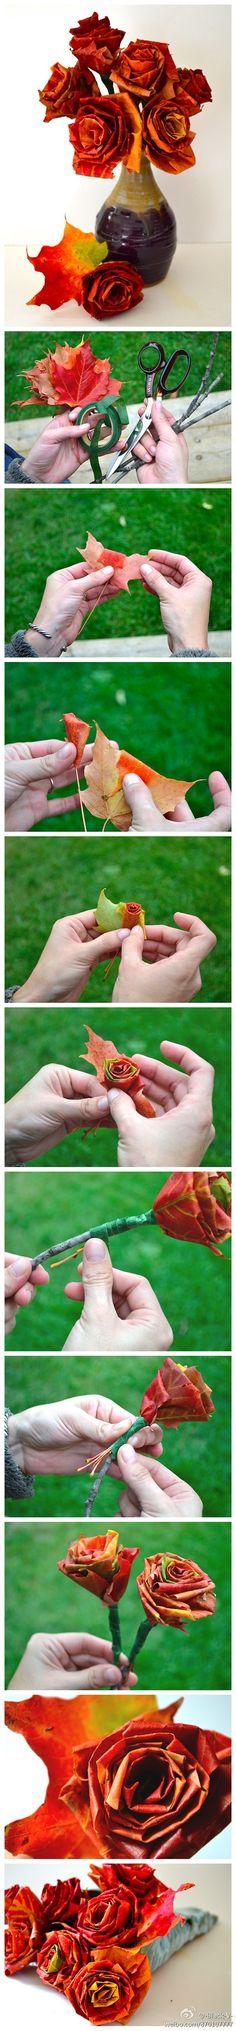 Flors amb fulles de tardor